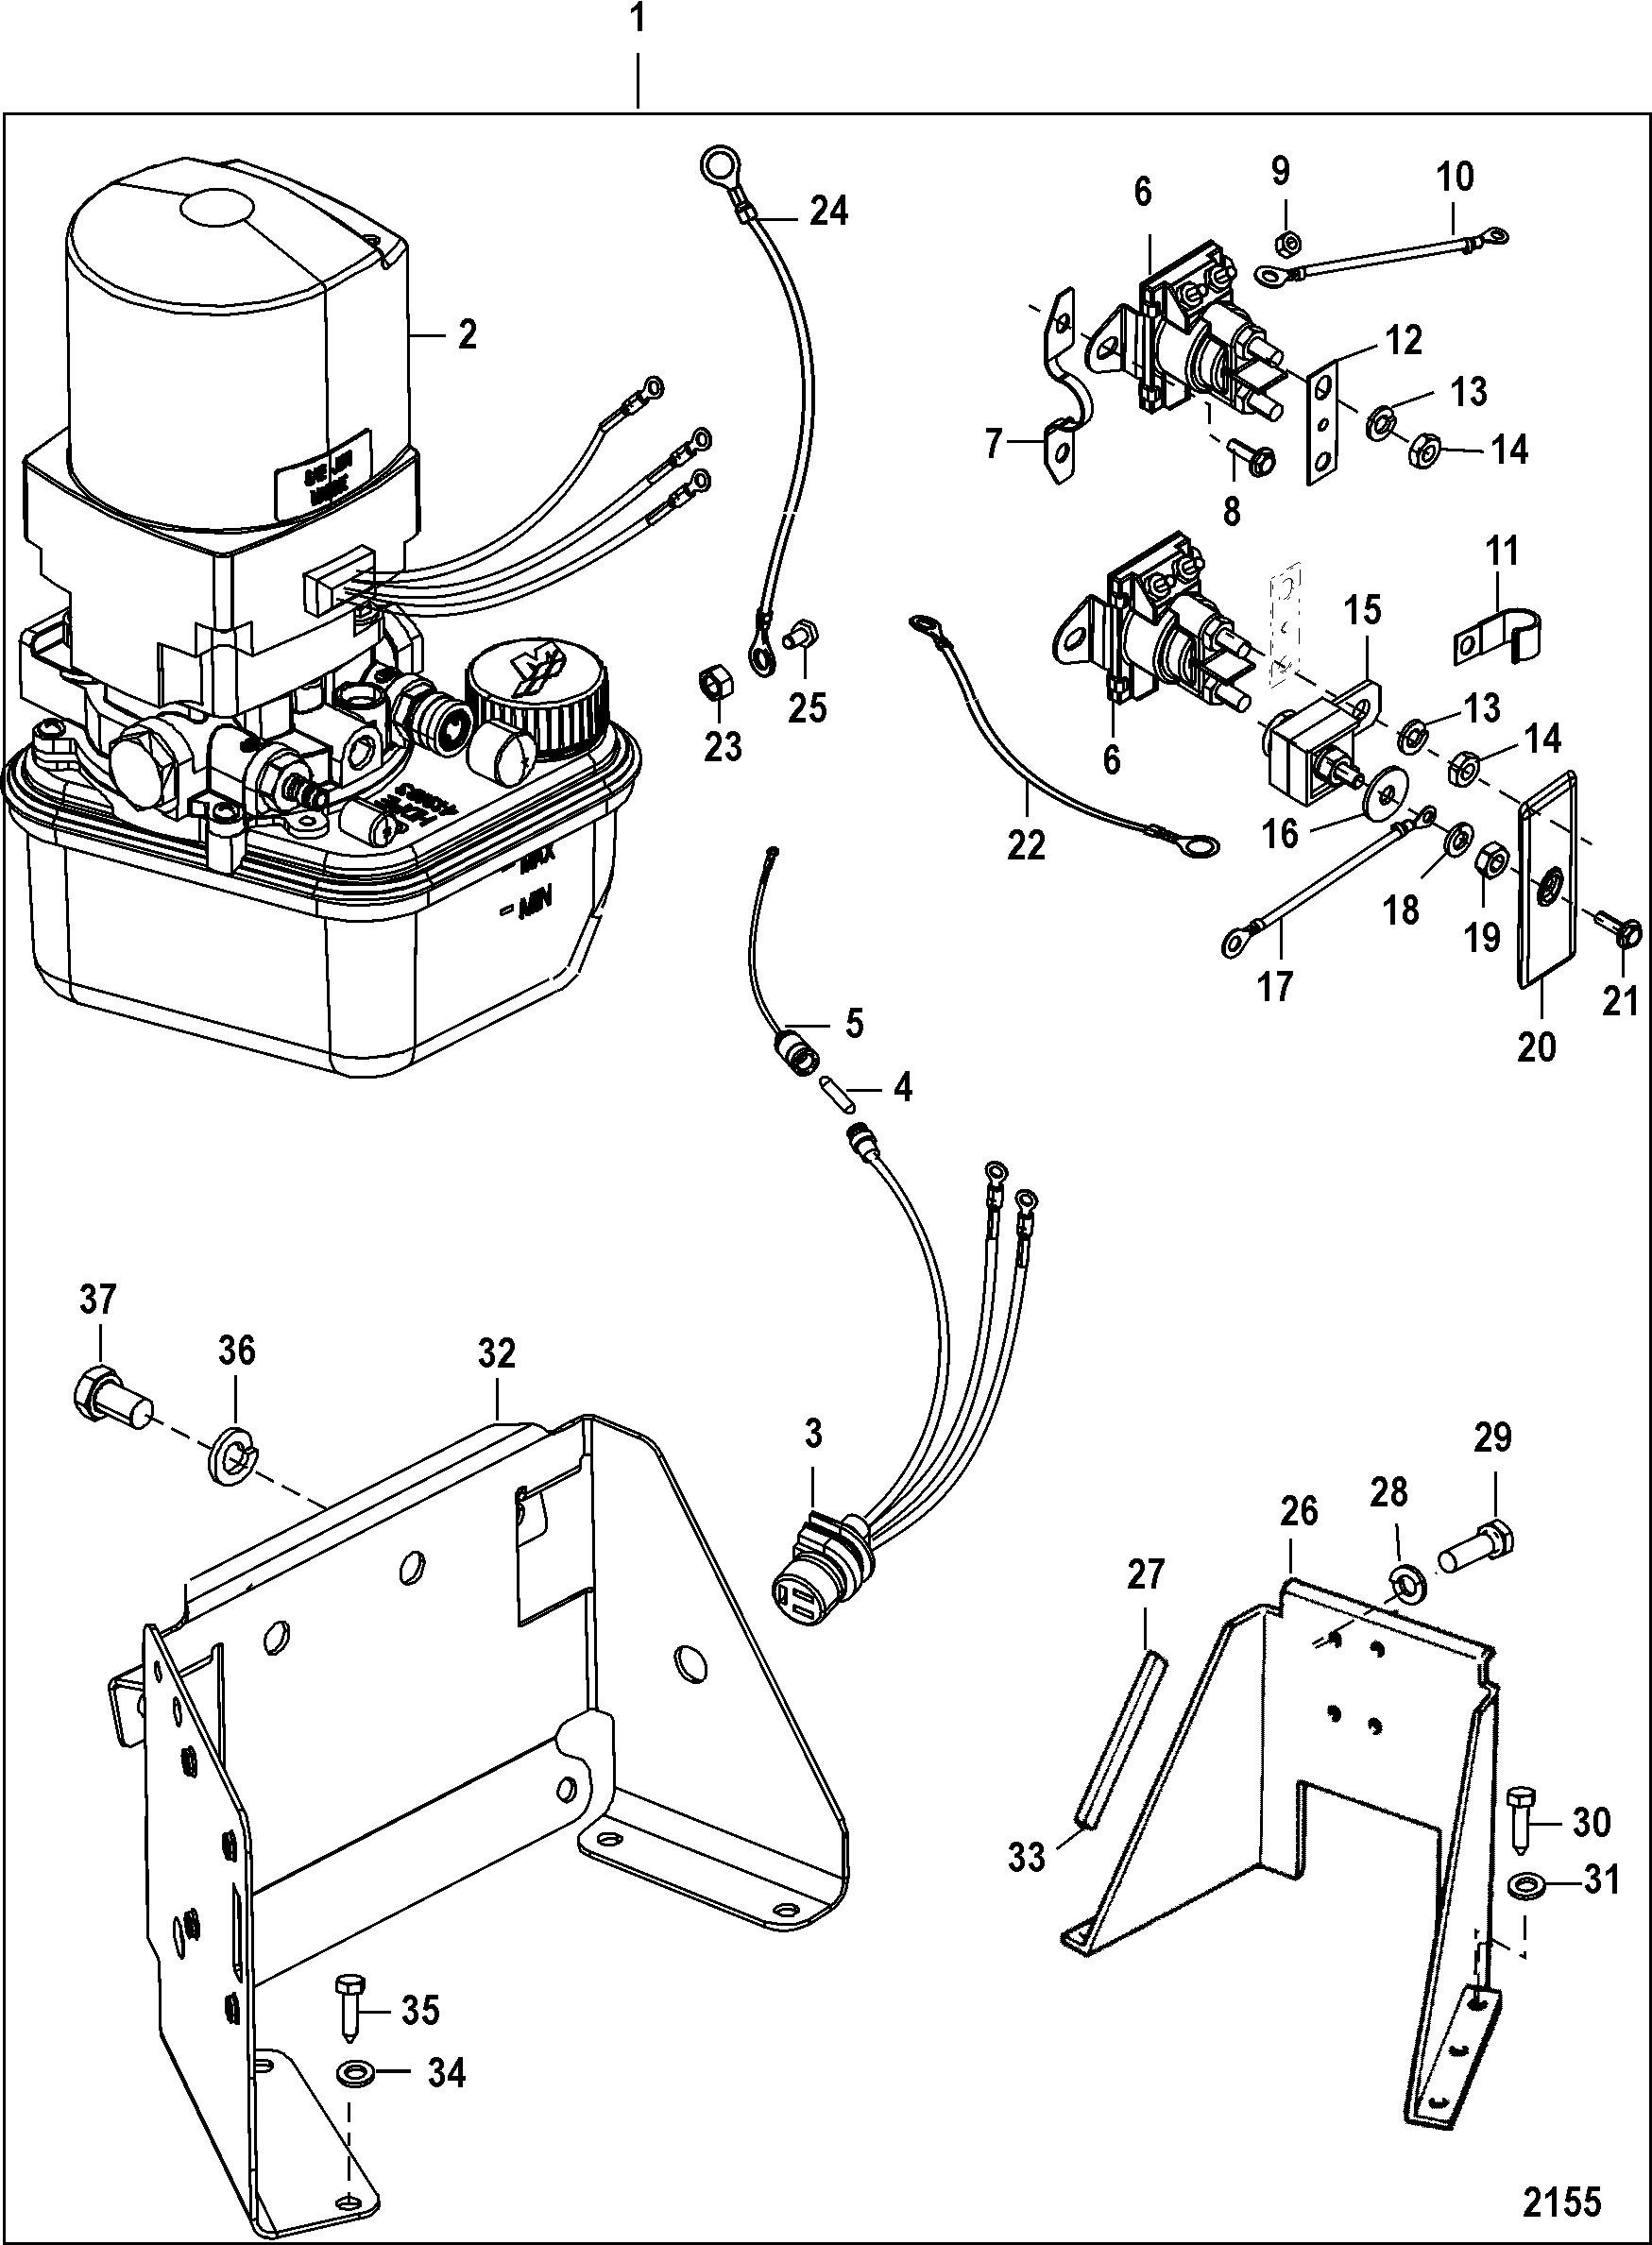 Mercruiser Trim Pump Wiring   Wiring Diagram All suck private ...